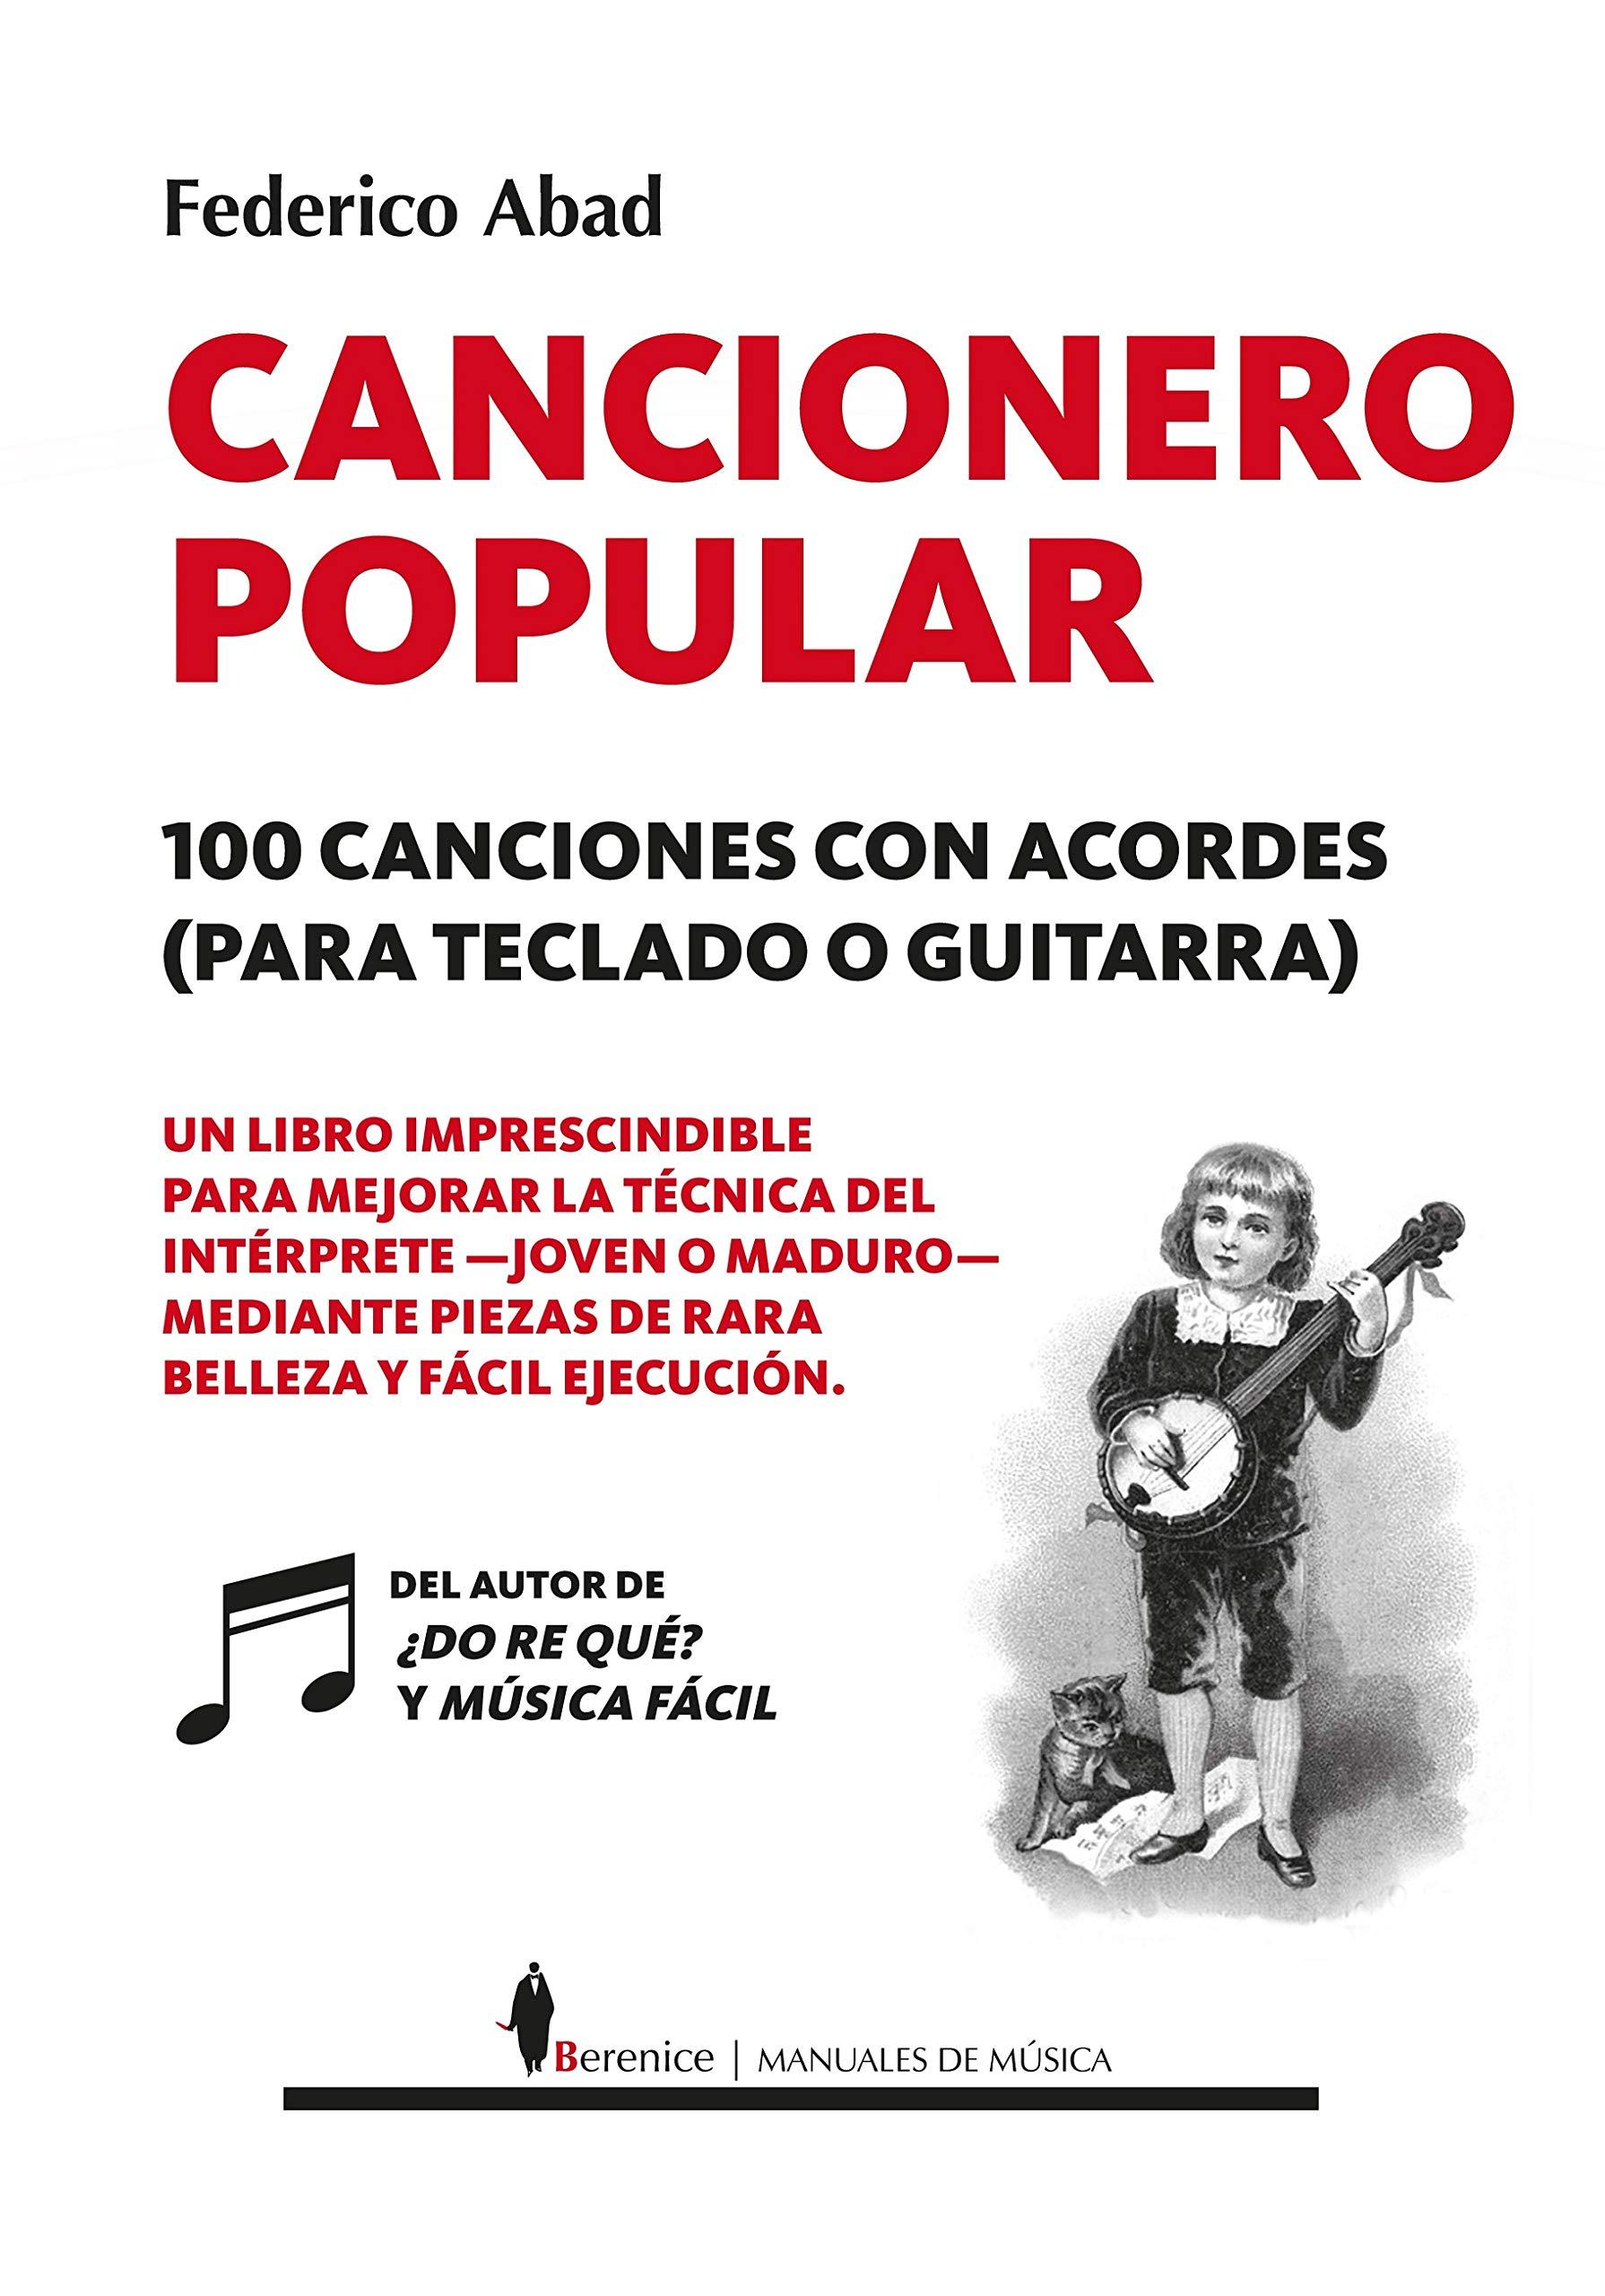 Cancionero popular. 100 Canciones con Acordes, para Teclado O Guitarra Manuales: Amazon.es: Federico Abad: Libros